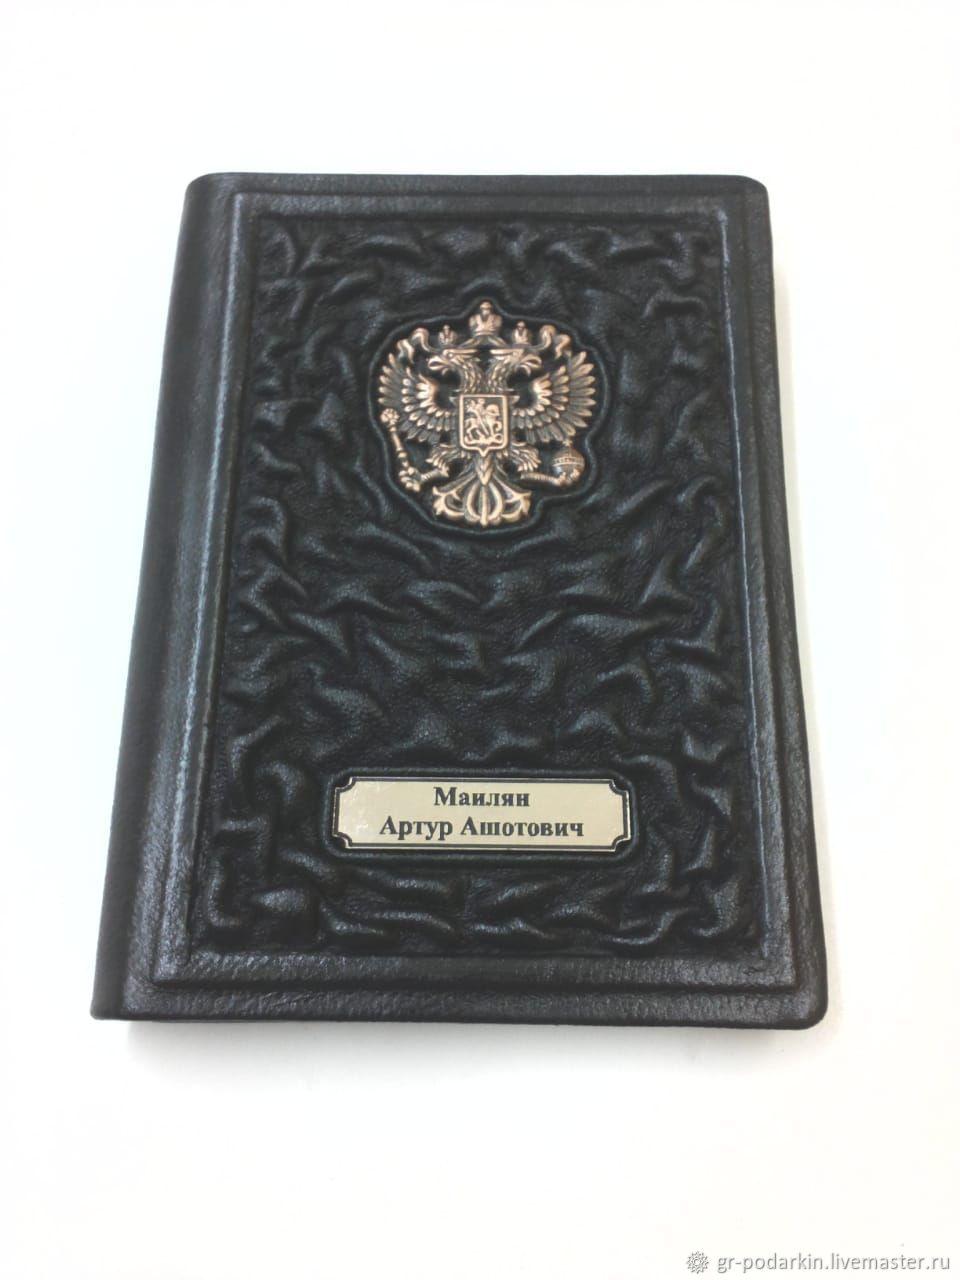 Обложки ручной работы. Ярмарка Мастеров - ручная работа. Купить Обложка на паспорт 'Ваше величество' из натуральной черной кожи. Handmade.